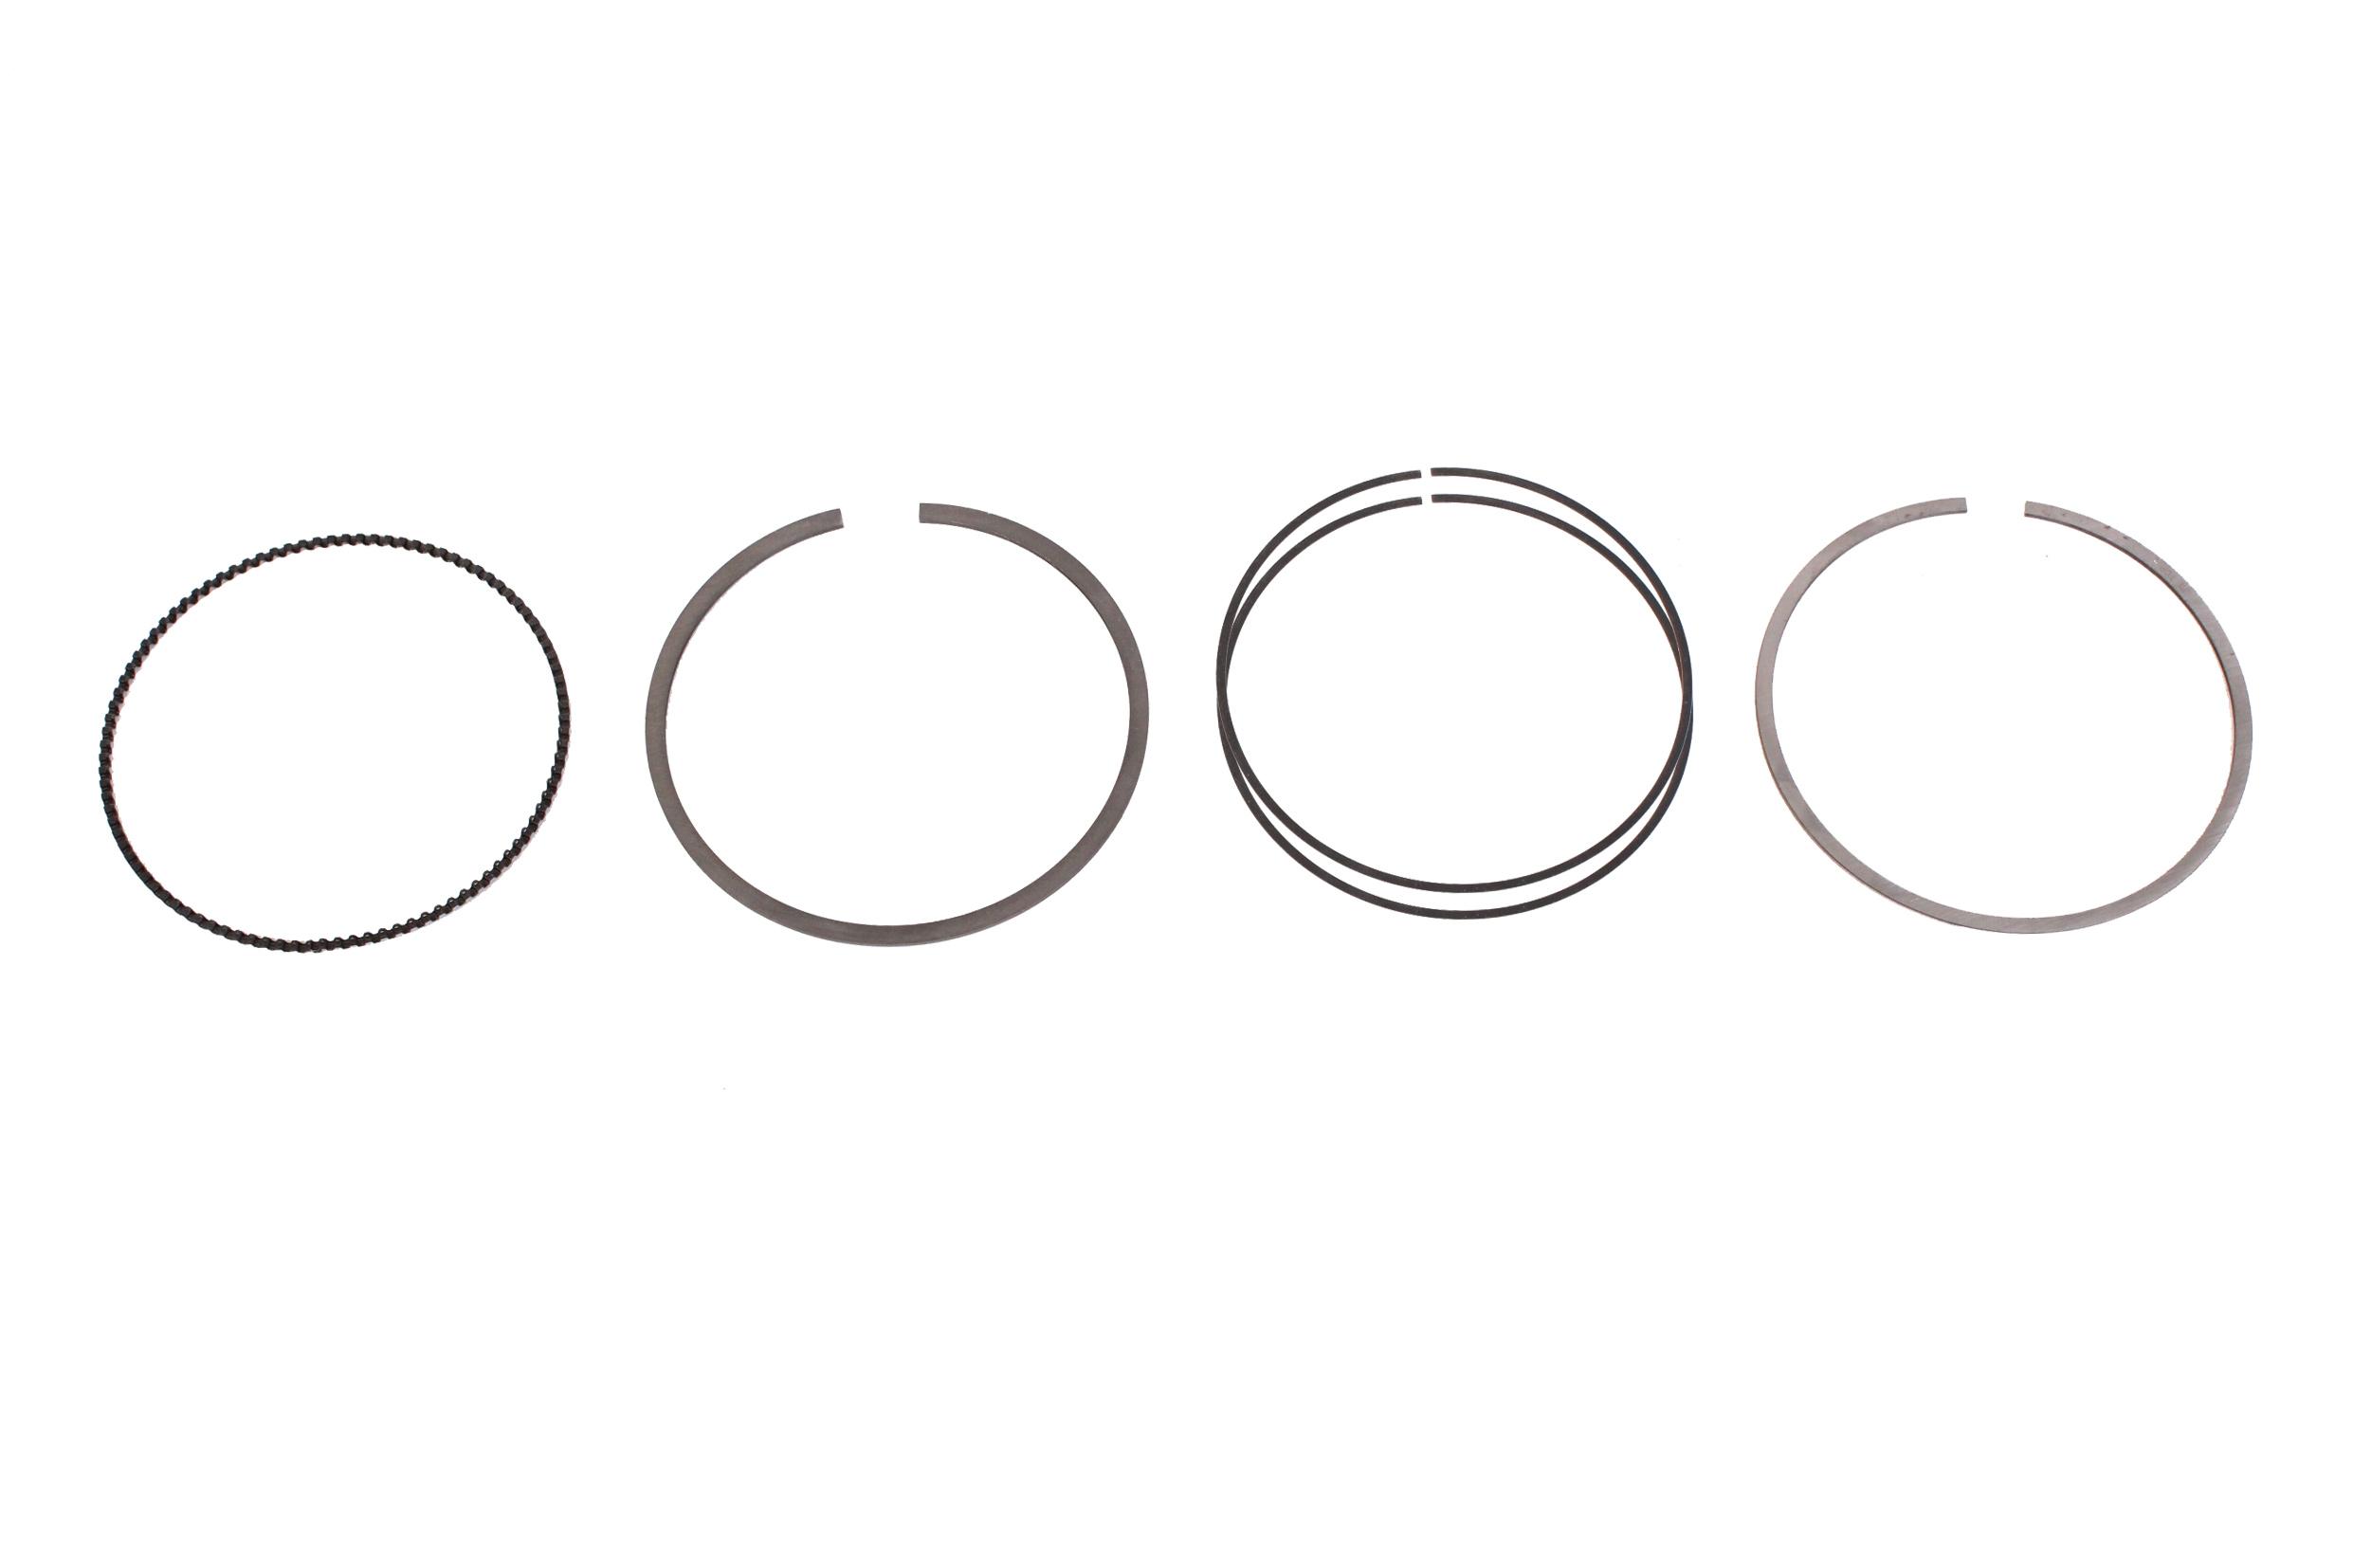 1x anneau de Piston Mercedes 1,8 CGI 271.860 271.861 2710300324 NOUVEAU